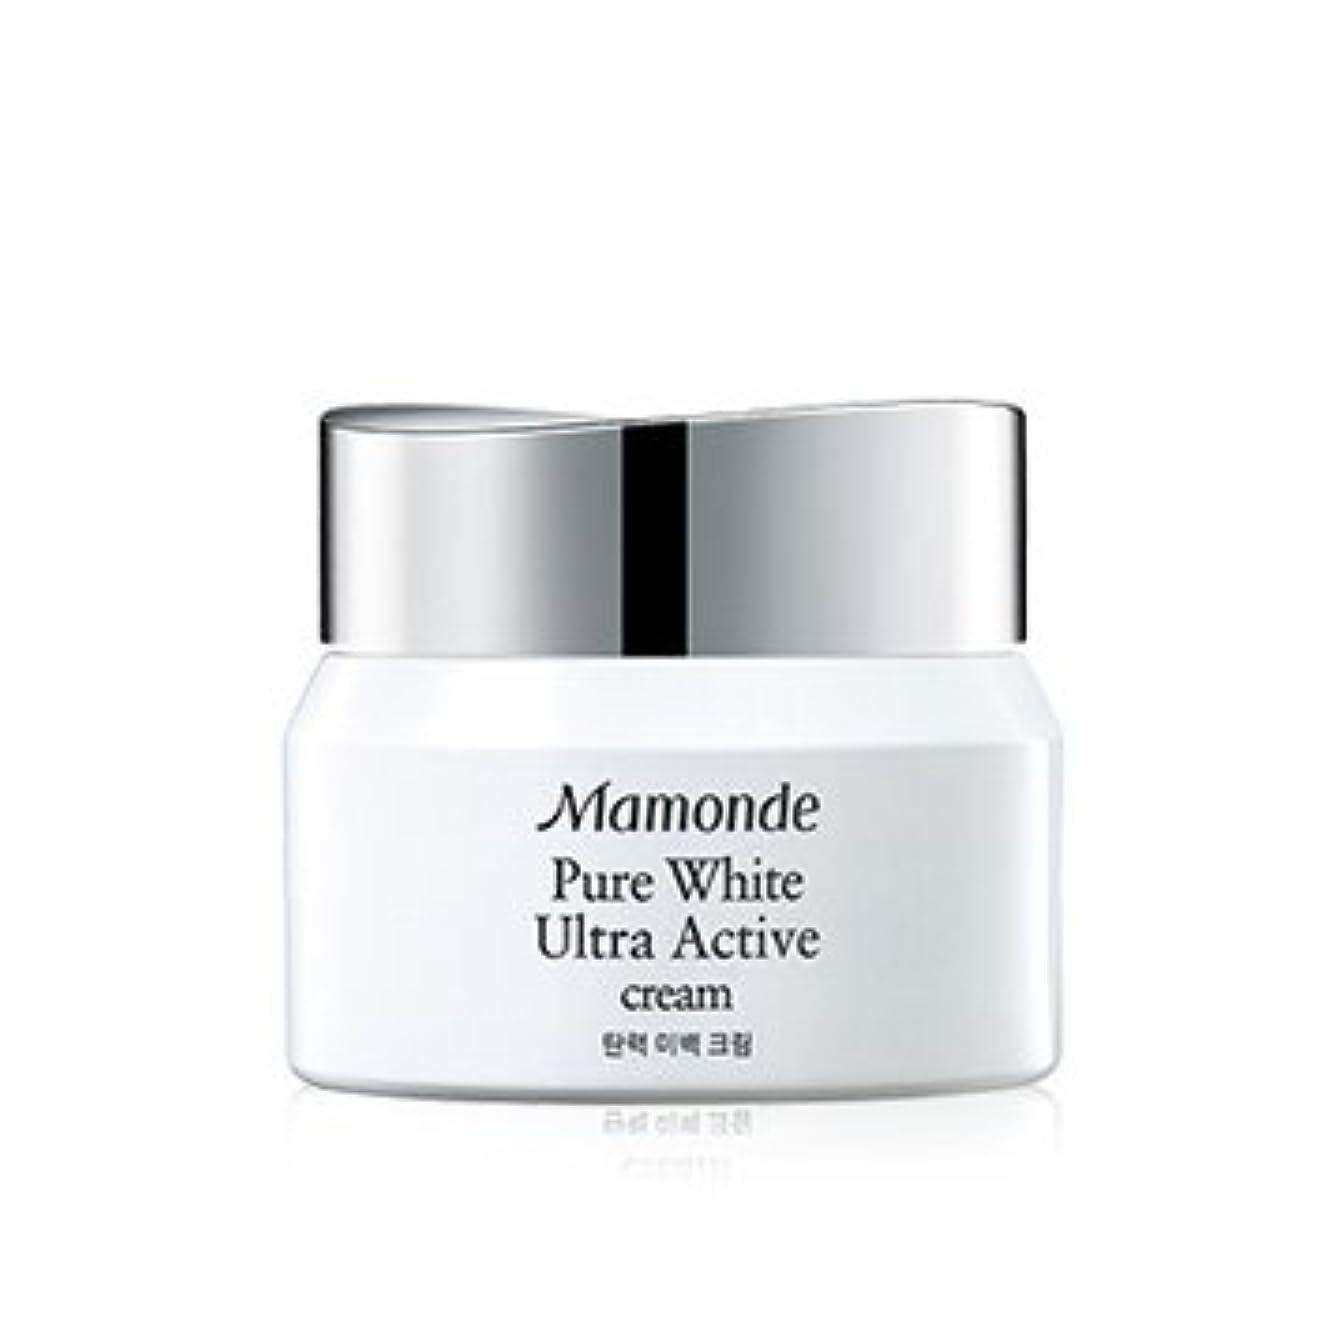 堂々たる合理的サスペンドMamonde Pure White Ultra Active Cream 50ml/マモンド ピュア ホワイト ウルトラ アクティブ クリーム 50ml [並行輸入品]